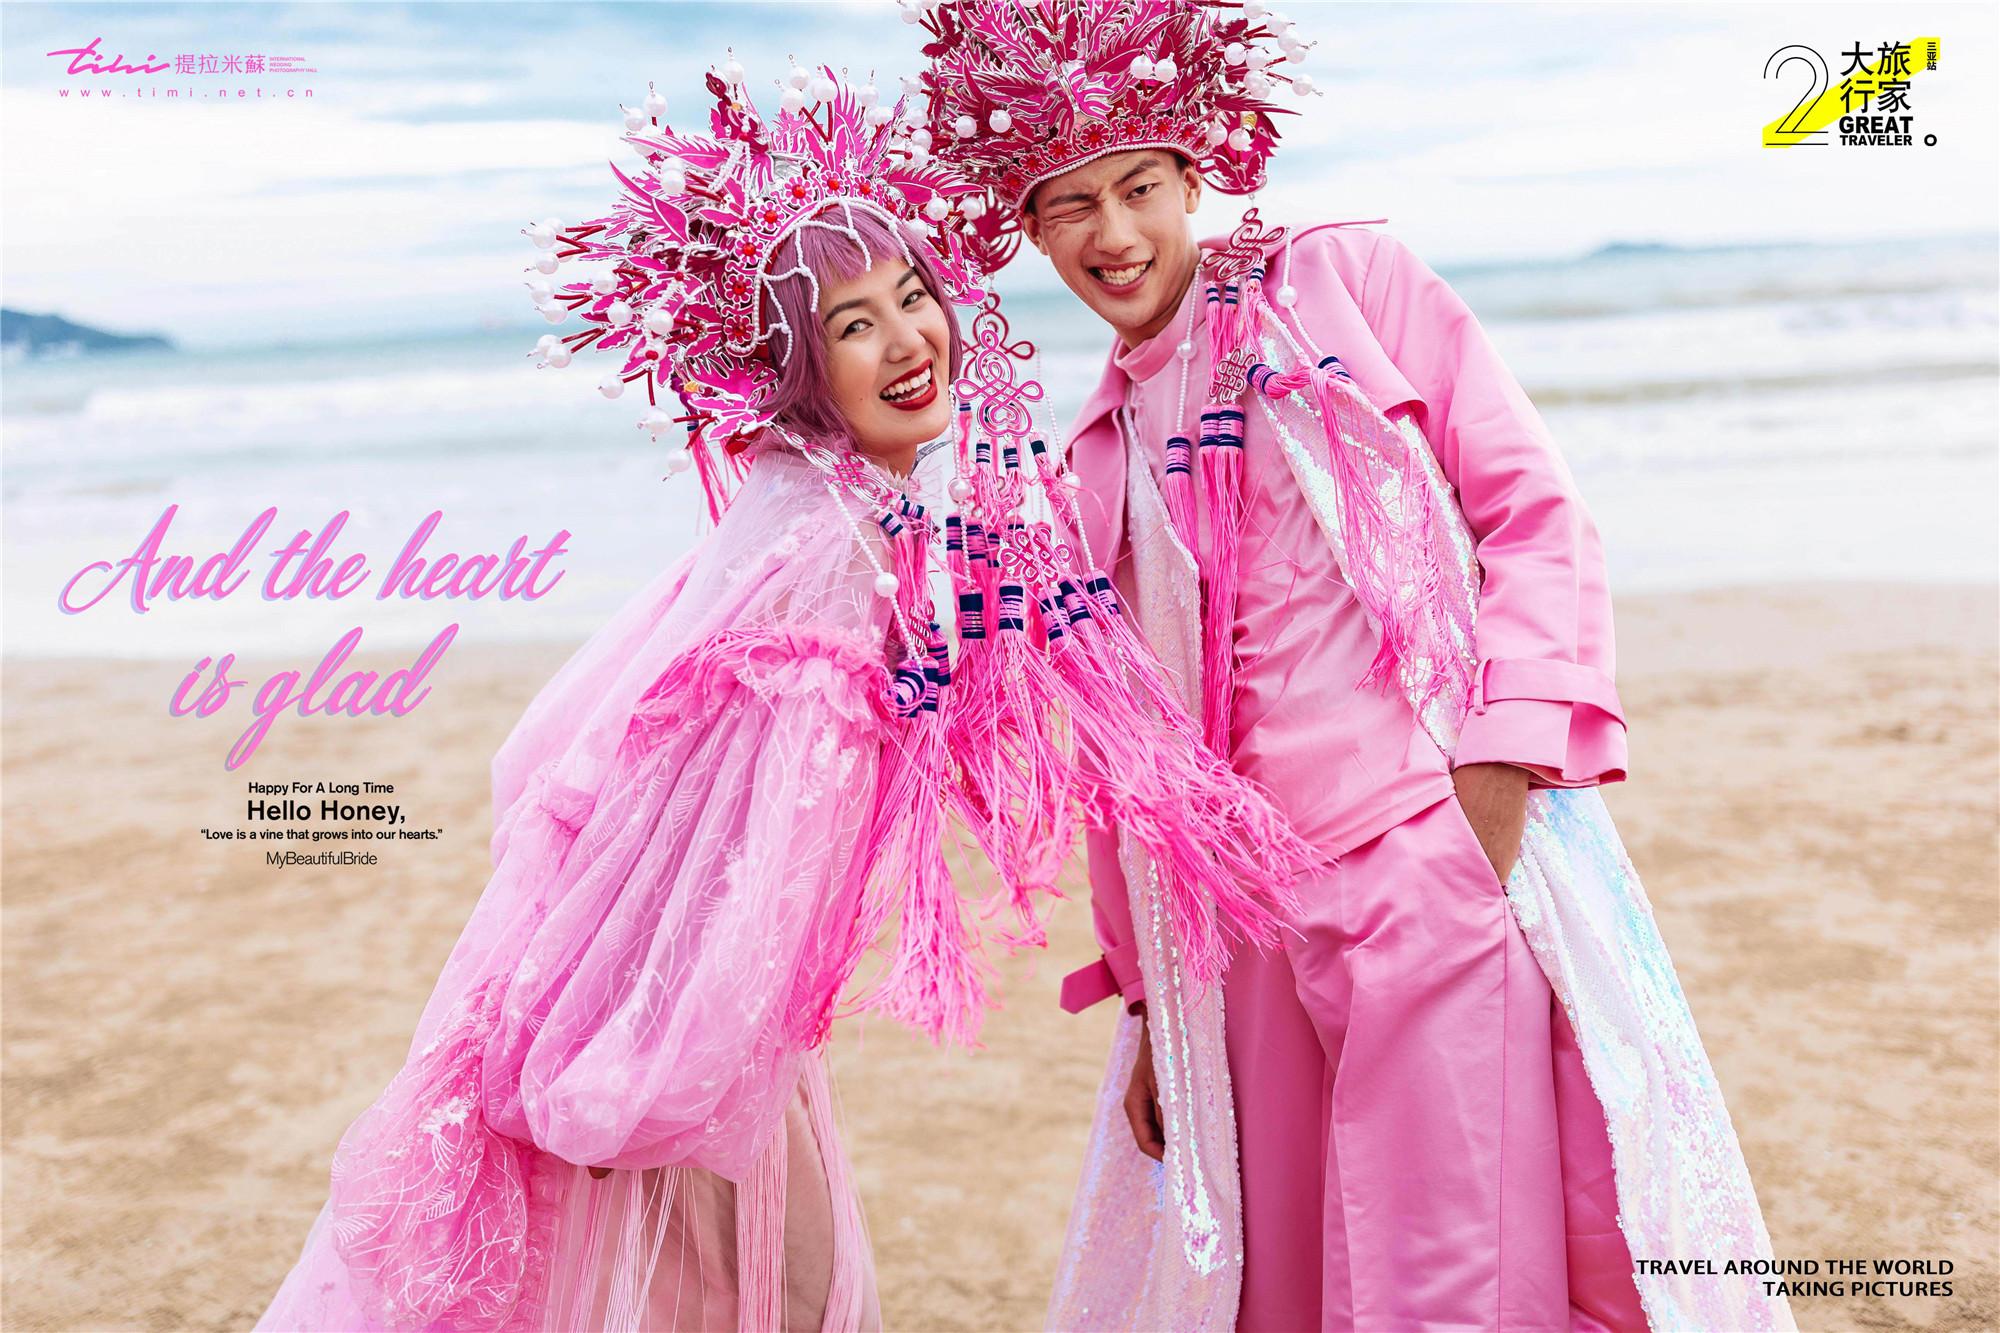 邯郸拍婚纱照需要多少钱?